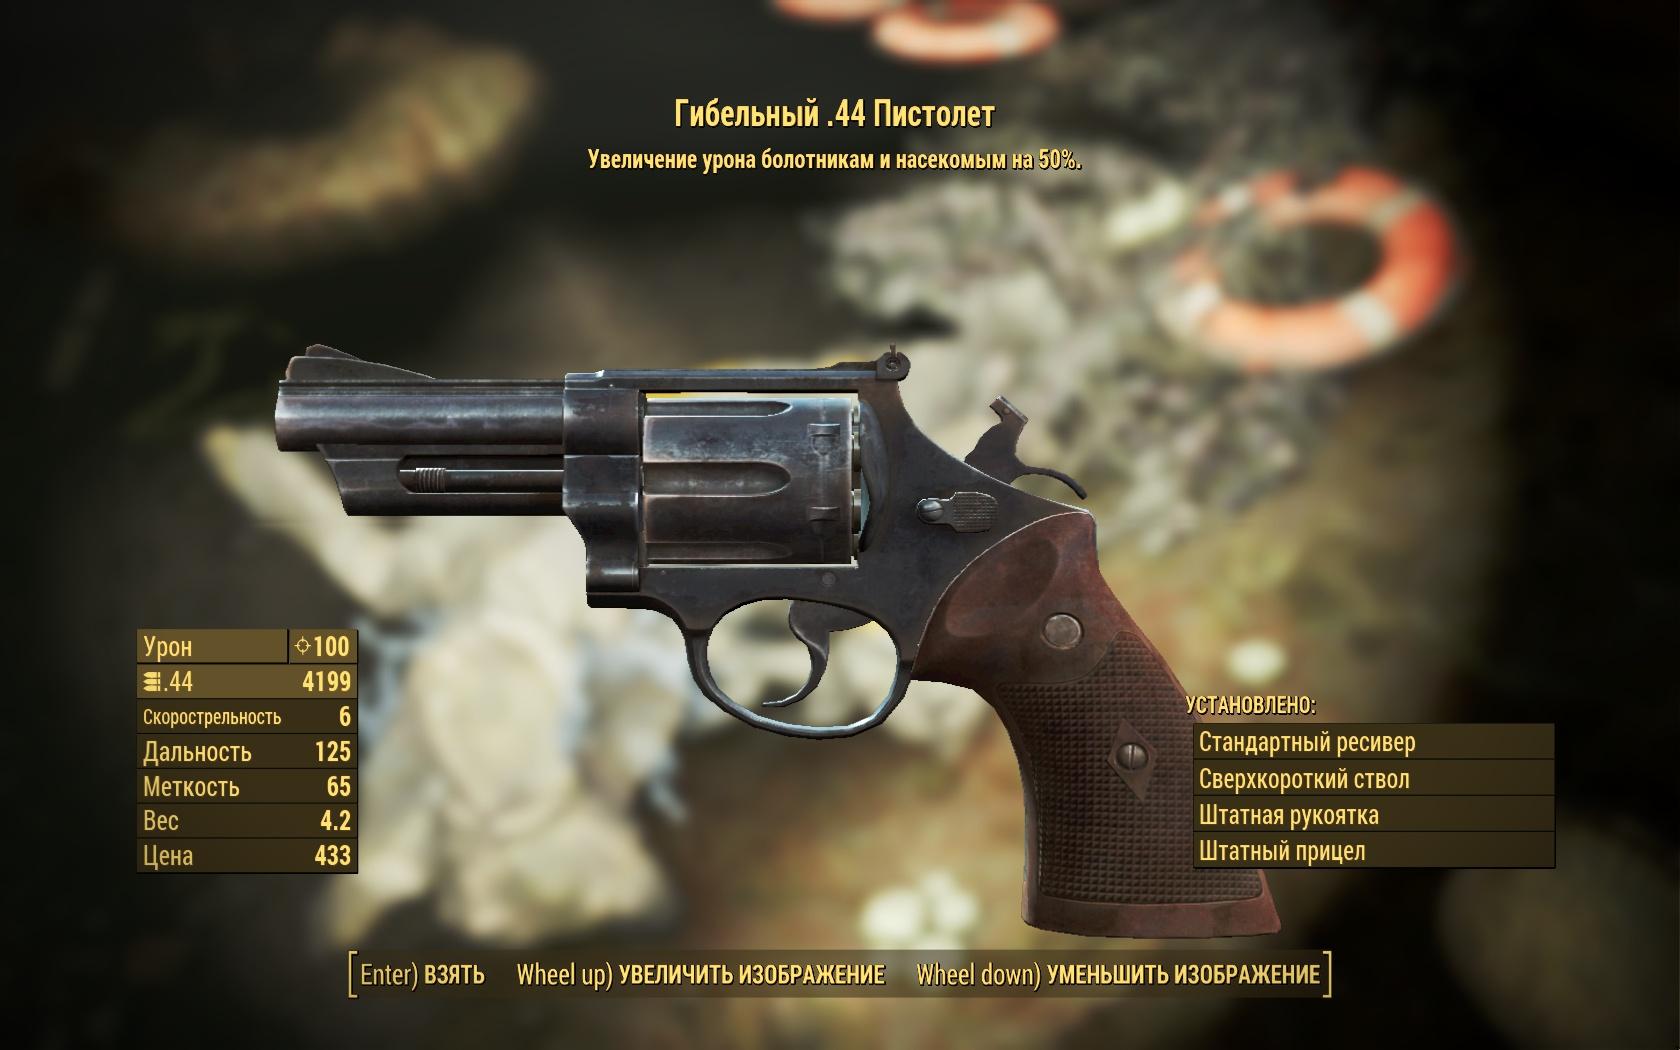 Гибельный .44 пистолет - Fallout 4 .44, Гибельный, Оружие